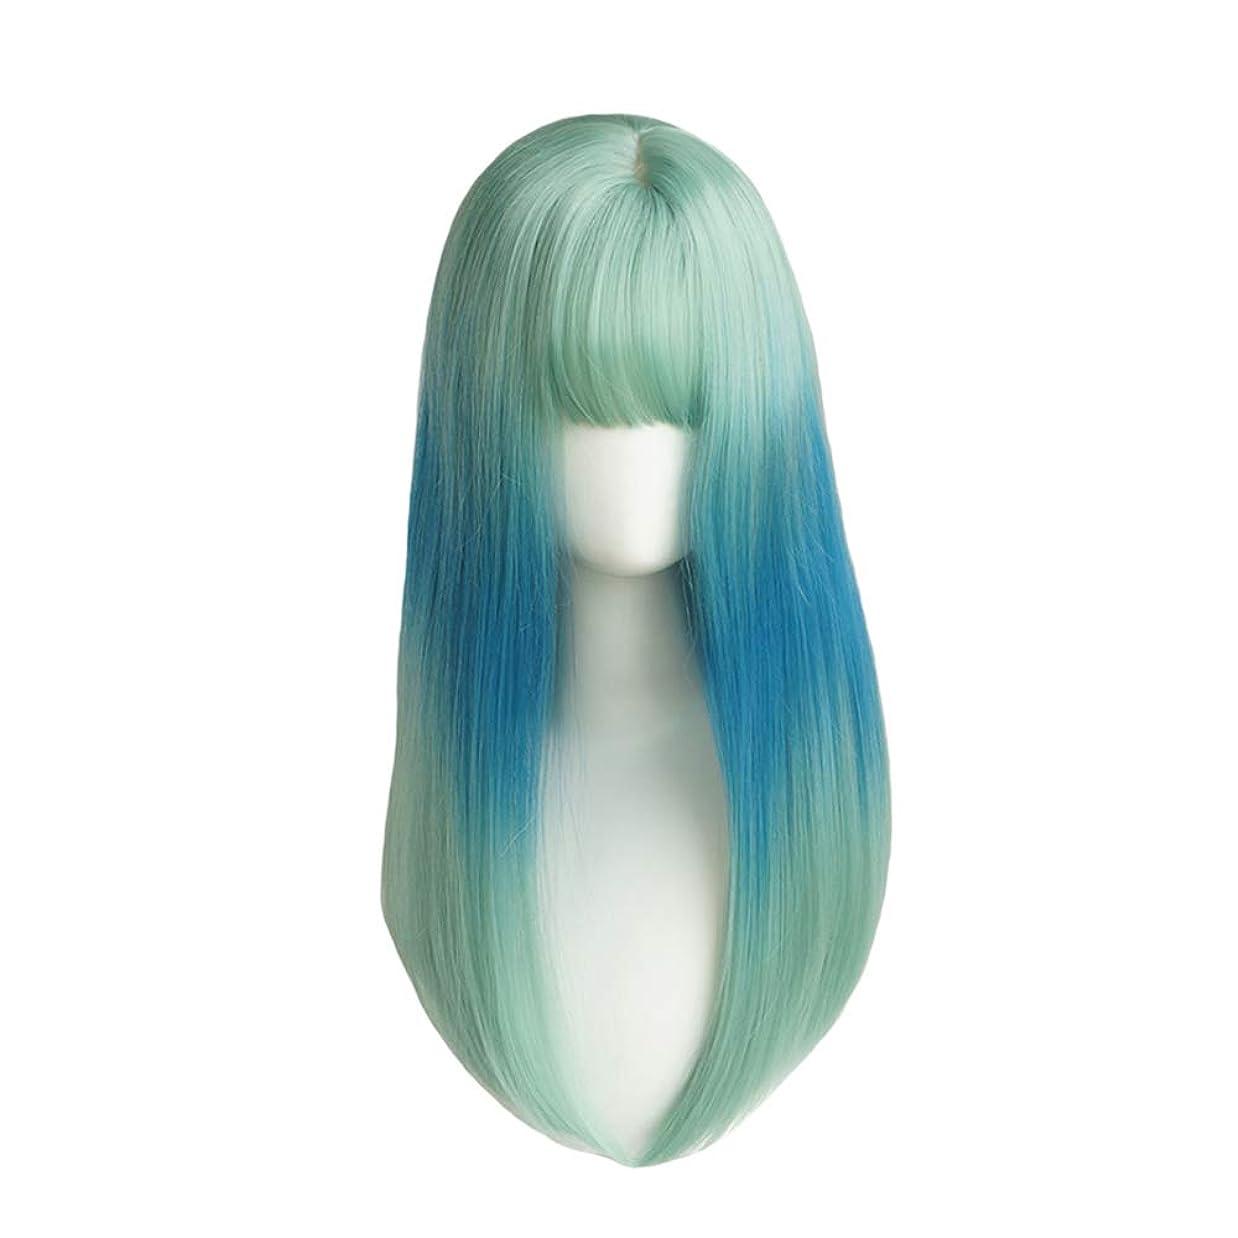 副換気キャメルウィッグ - ファッションロングストレートウィッグハロウィーンコスプレヒートナチュラル50cmグリーングラデーションブルー (色 : Green, サイズ さいず : 50cm)